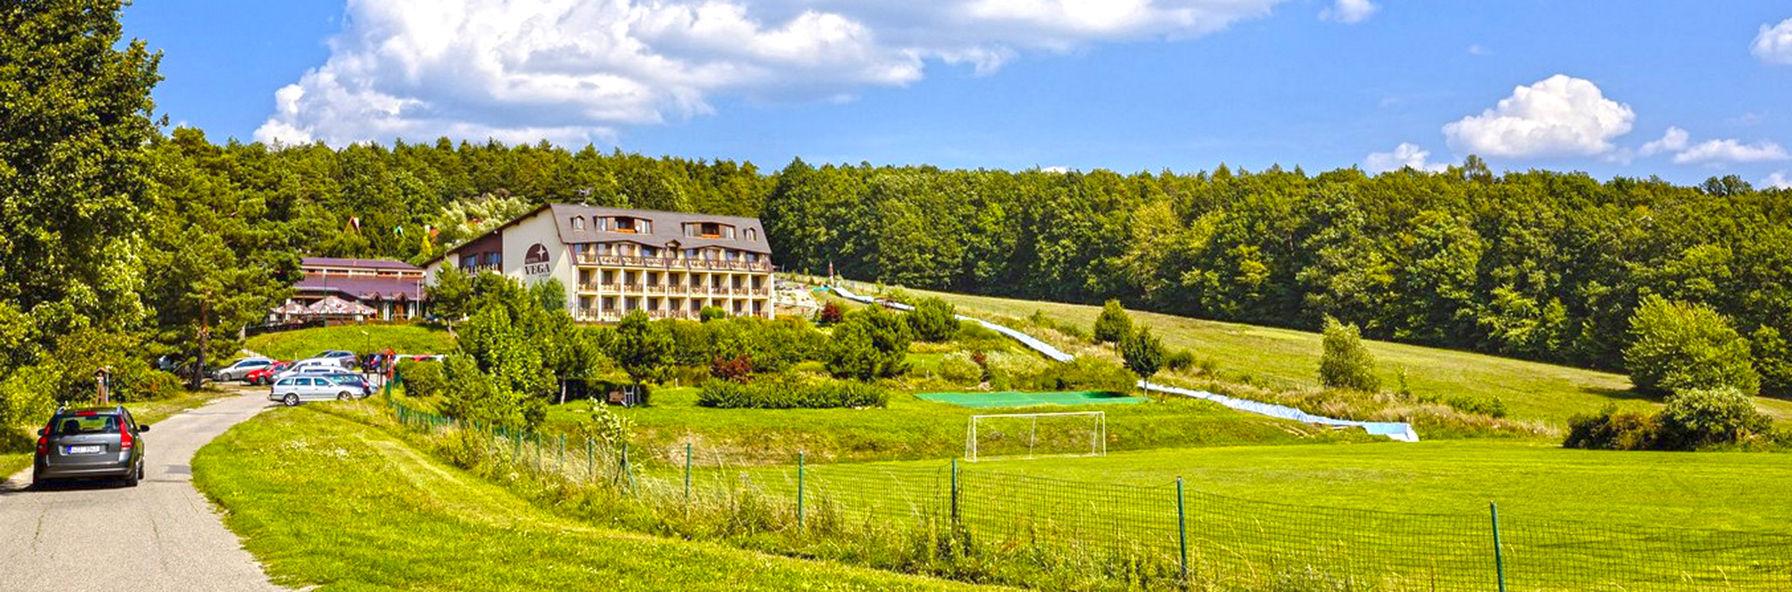 Krásné dny v Luhačovickém Zálesí plném čisté přírody a líbezném prostředí